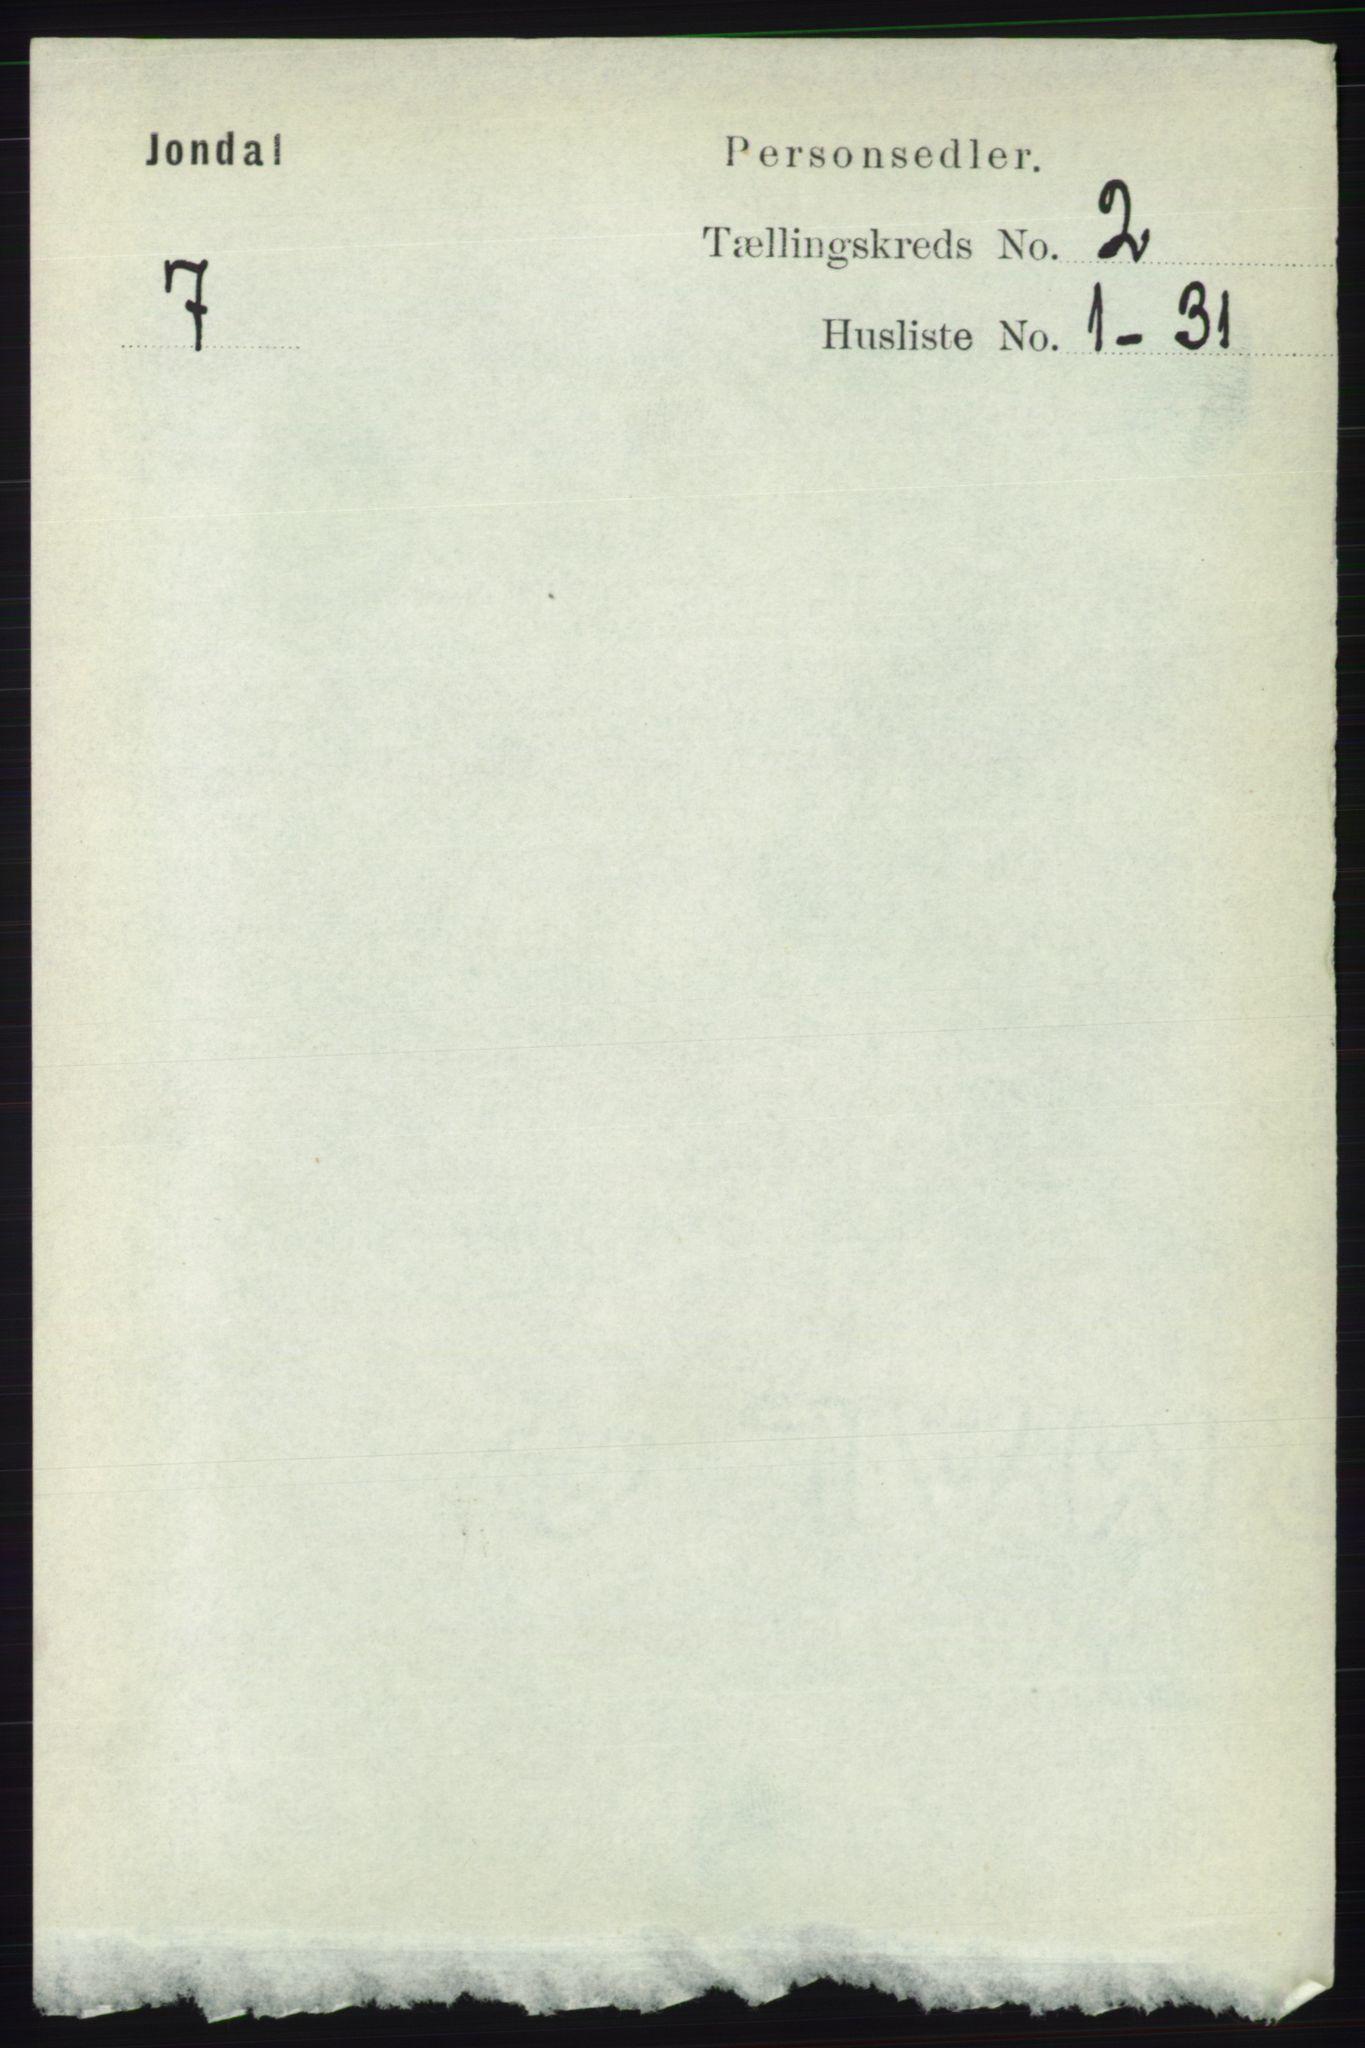 RA, Folketelling 1891 for 1227 Jondal herred, 1891, s. 837